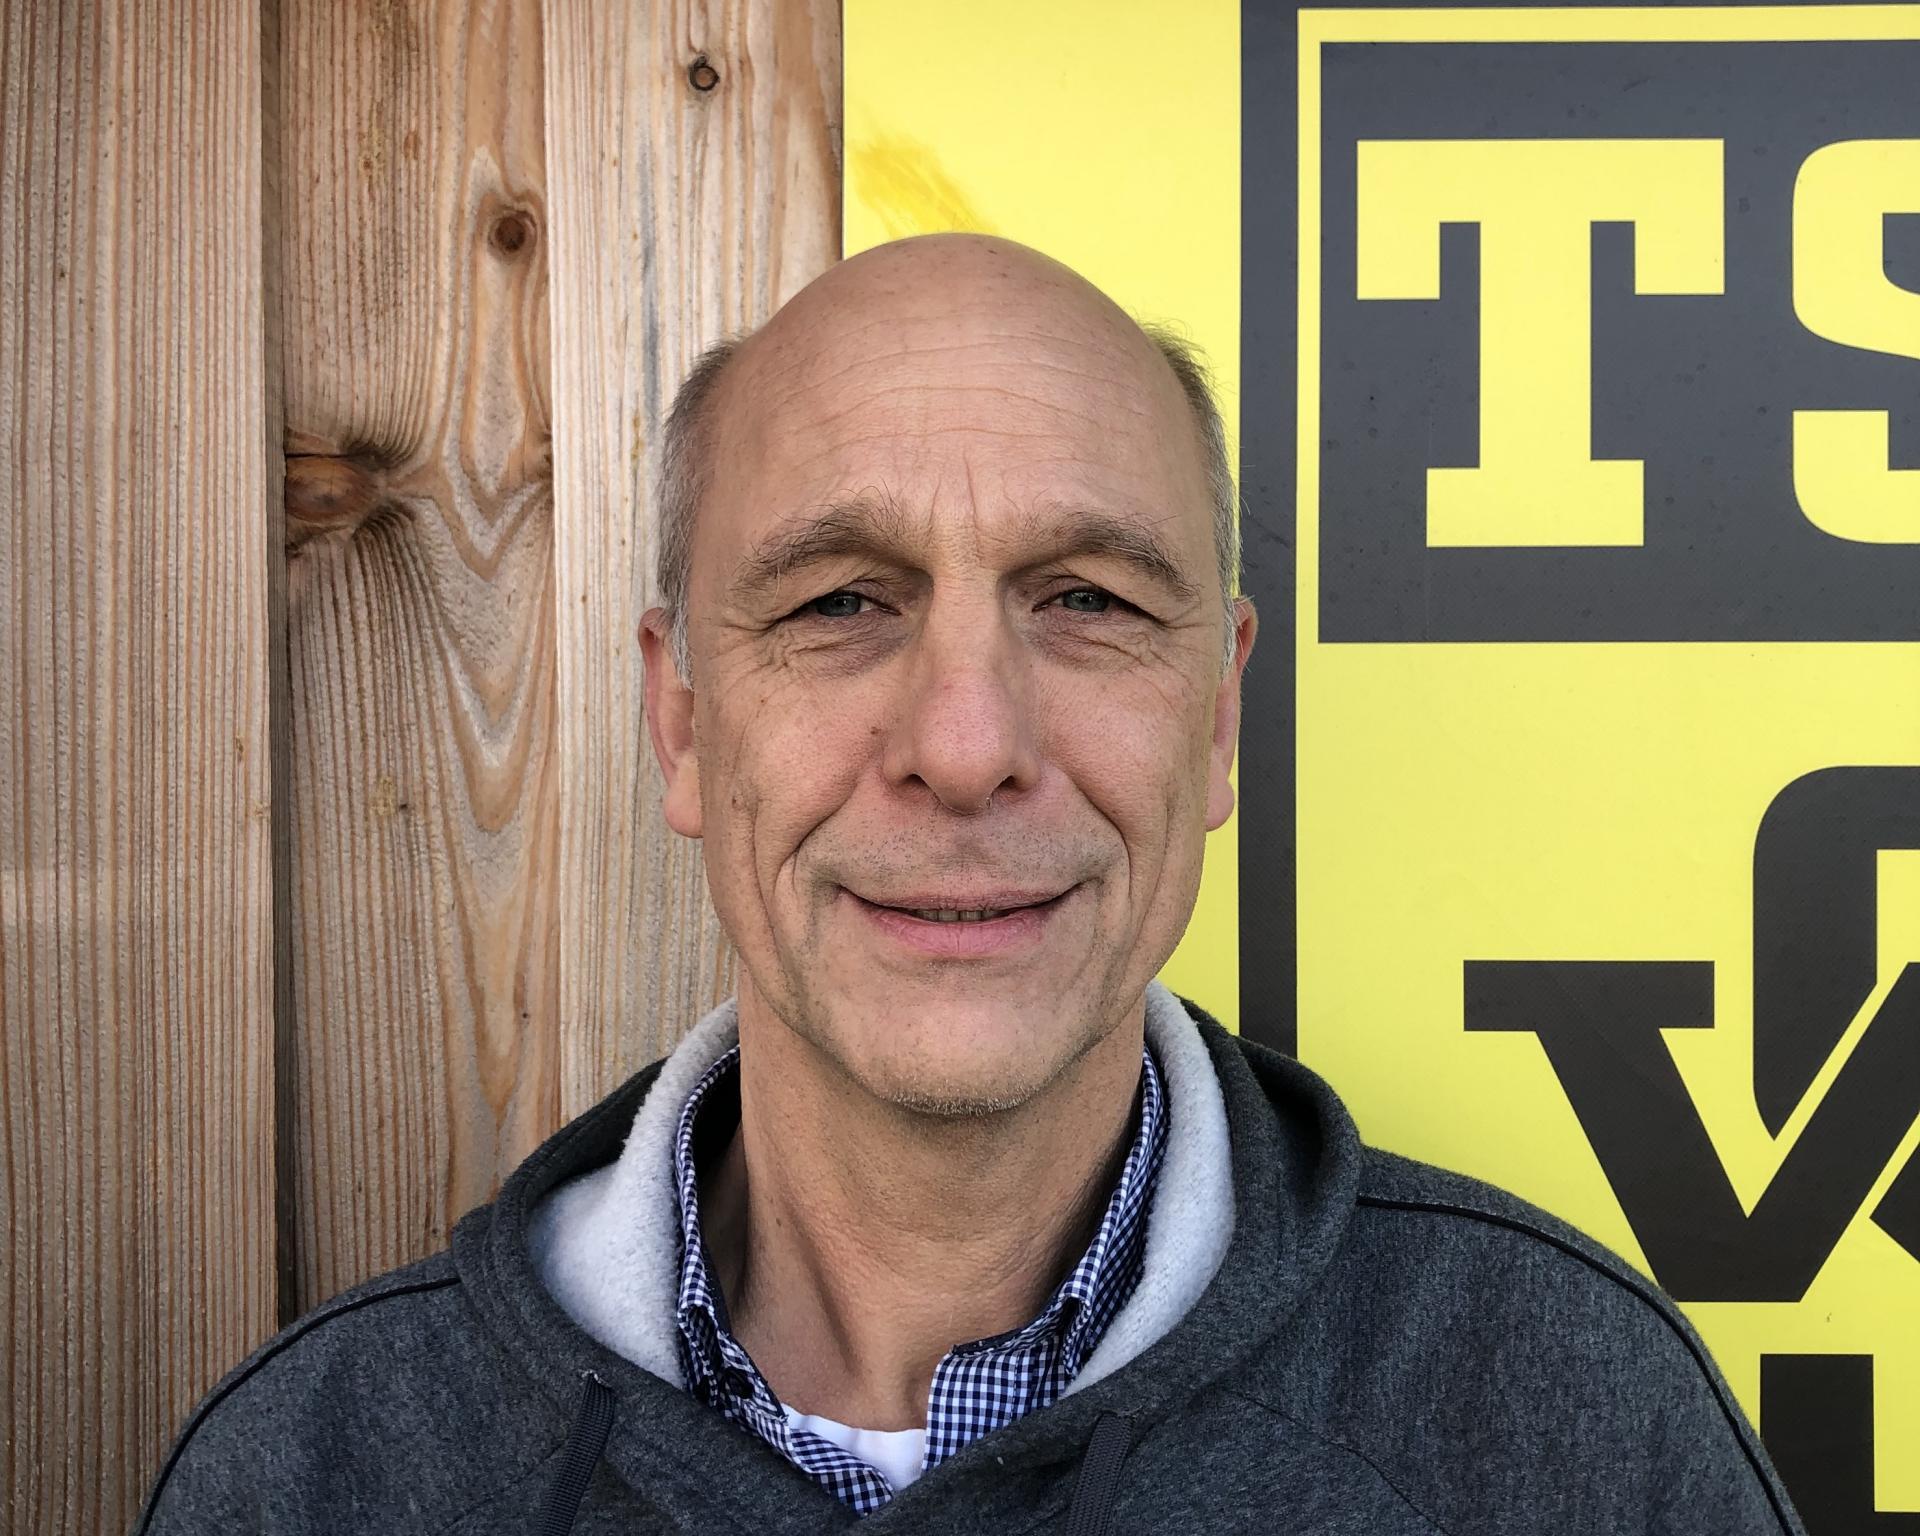 Michael Tuschmann